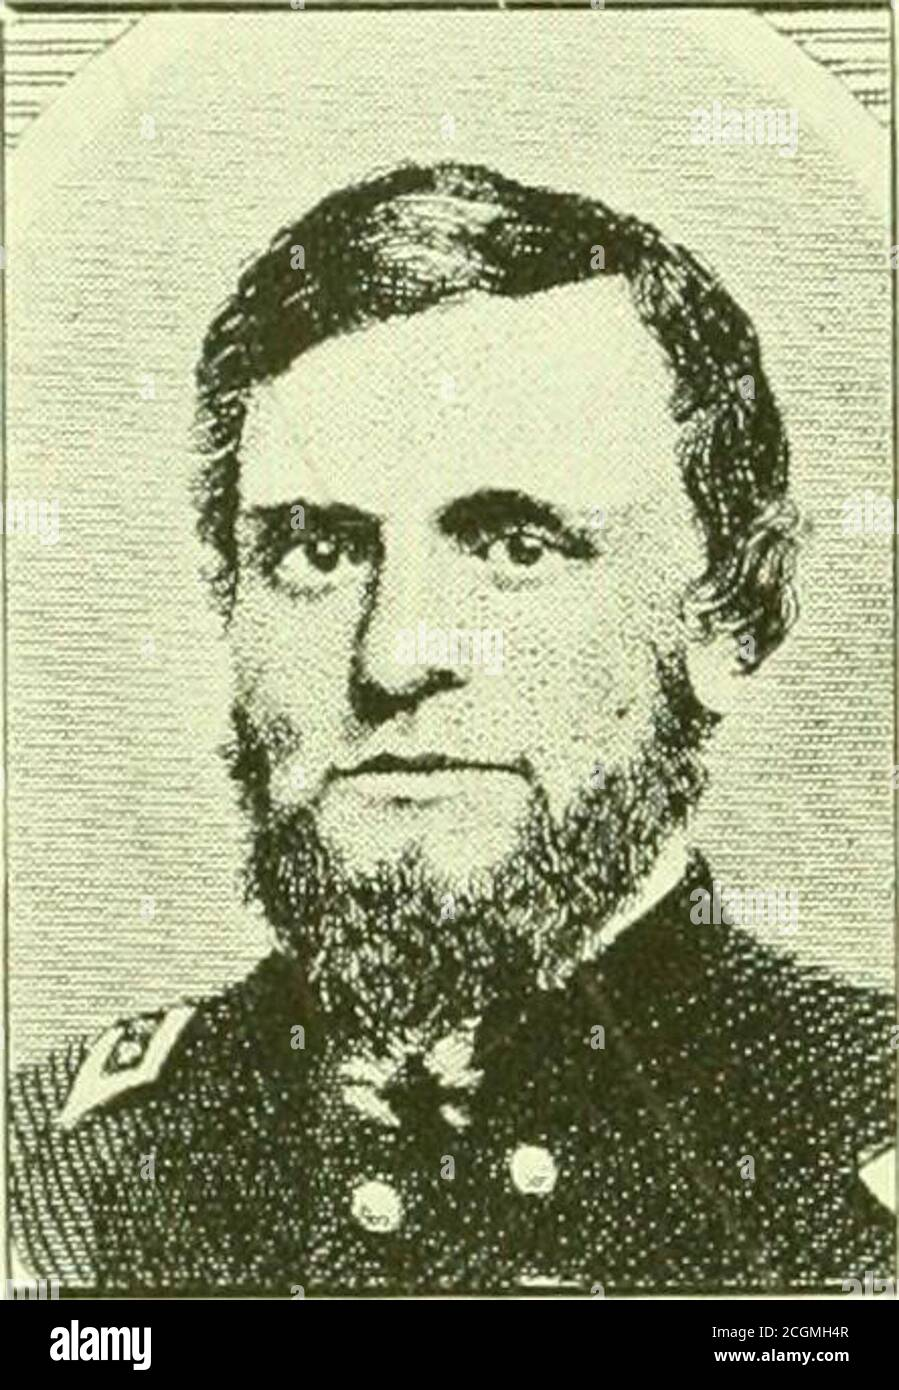 . Opdycke tigres, 125th O. V. I., una historia del regimiento y de las campañas y batallas del Ejército de Cumberland . LUT. Ma.i. <;I.N. S. Lu.A ri y 3° OPDYCKE TIGRES,. ■(iKX. .1. W . L... Mitchell soutlnvard de Nasliville, y procedió con la fuerza del hismain para unirse al general Grant en el Tennessee, arrivingin tiempo para participar, en el segundo día, en la batalla dePittsbnrg Landing. El enemigo se retiró a su posición fortificada en Ooiinth, el General llalleck se presentó en persona y condnctó las operaciones contra esa posición. El General Popescommand fue añadido a las fuerzas de la OFG Foto de stock